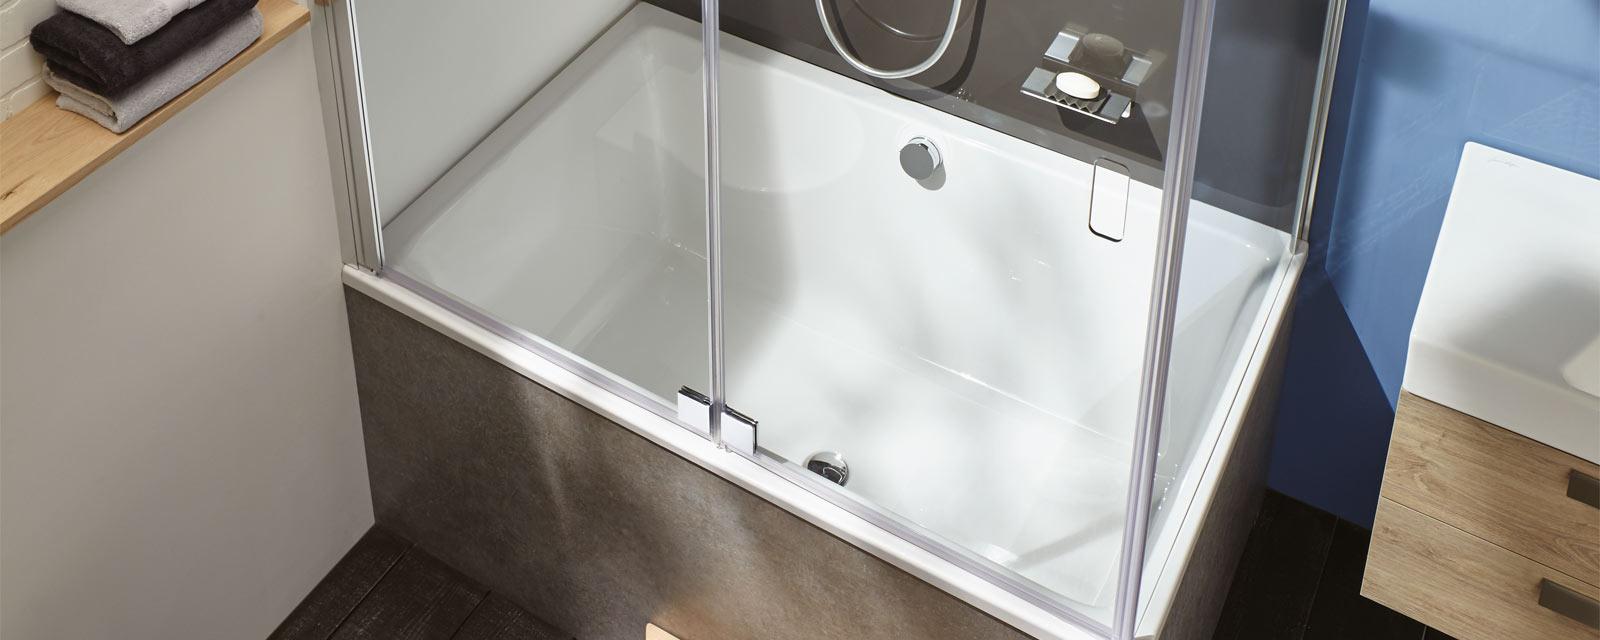 Choisir une baignoire pour petite salle de bains | Guide Artisan